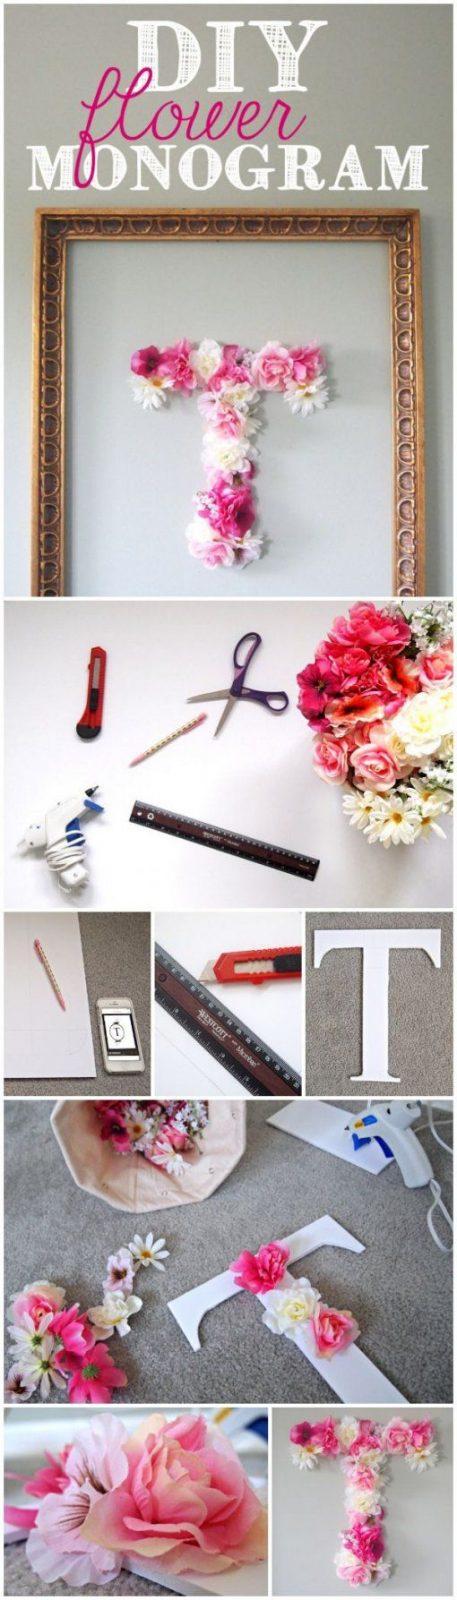 Diy Faux Flower Monogram  Wanddeko Buchstaben Und Blumen von Buchstaben Kinderzimmer Selber Machen Bild